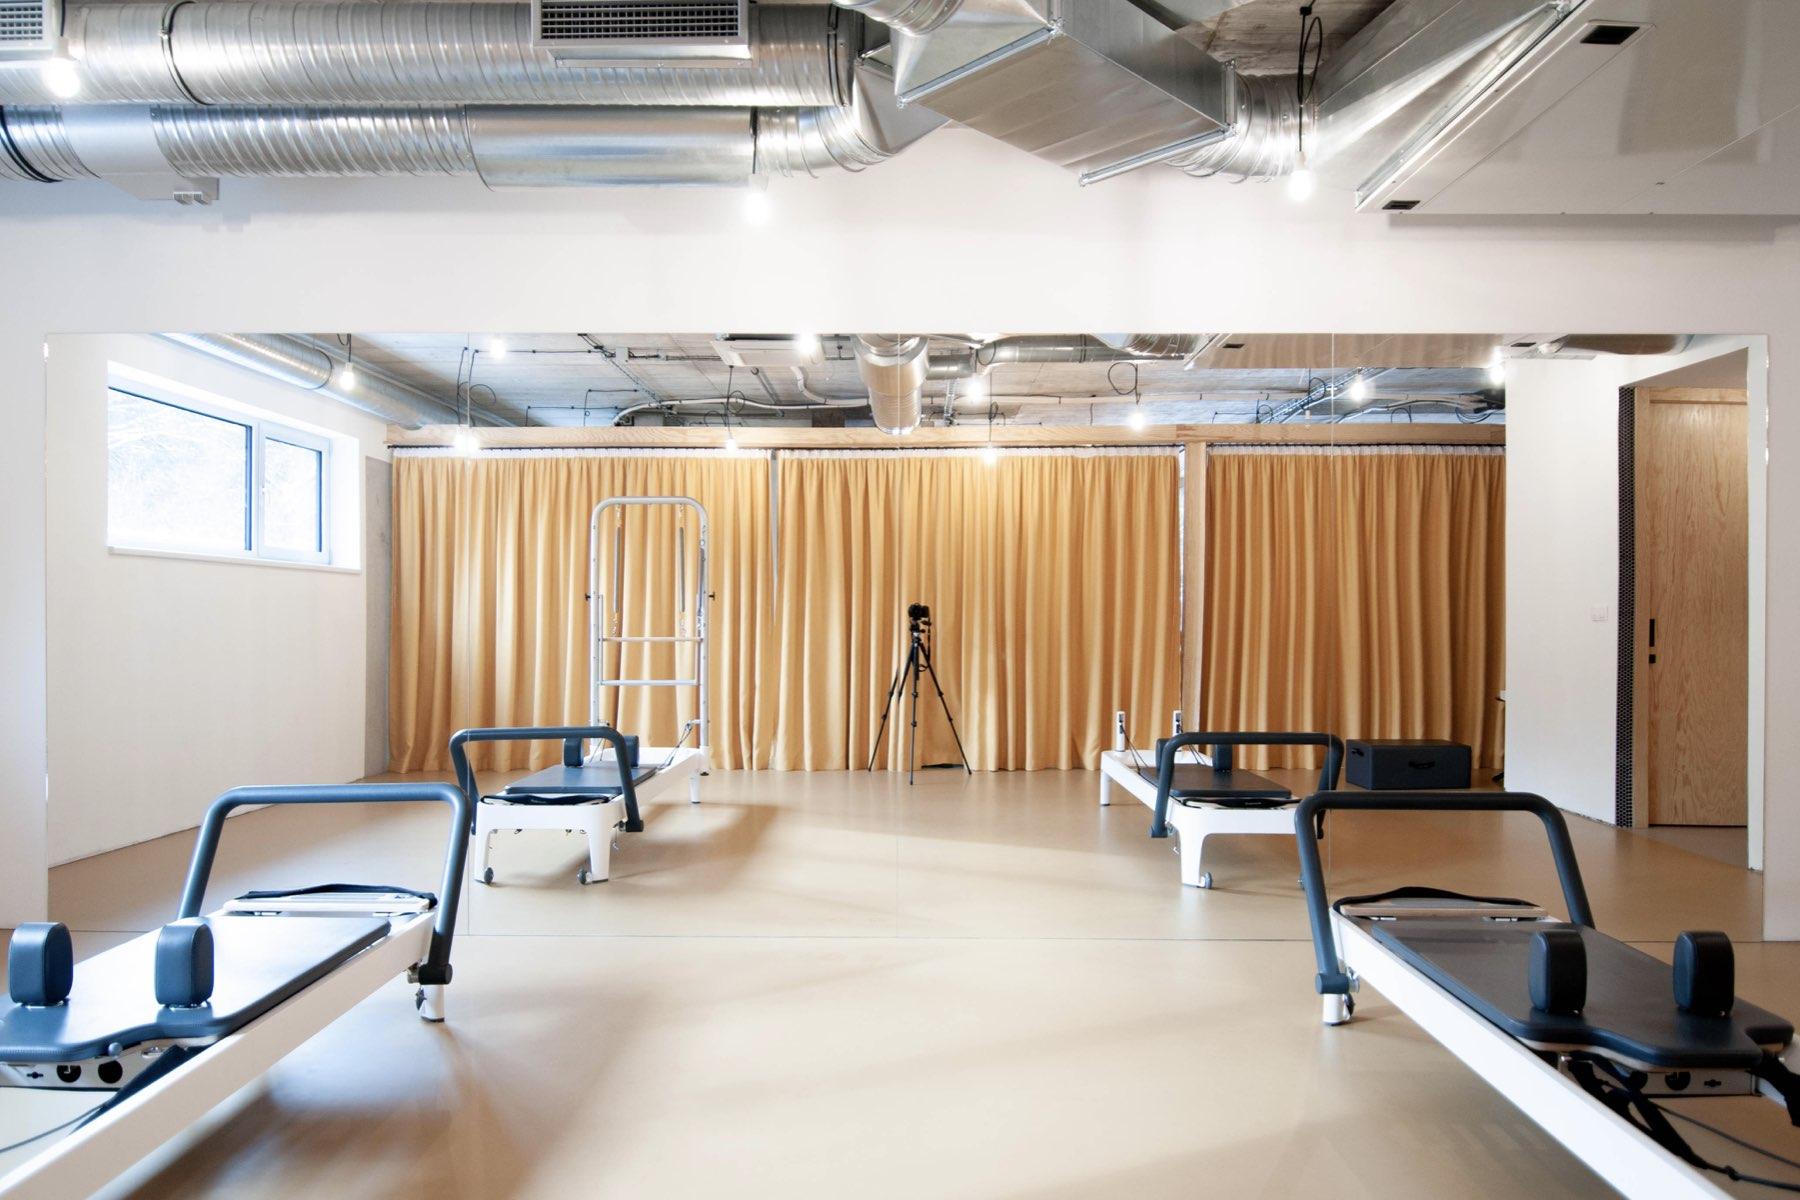 Studio Pilates Art v Klánovicích - prostor ke cvičení. Autor: Kurz architekti